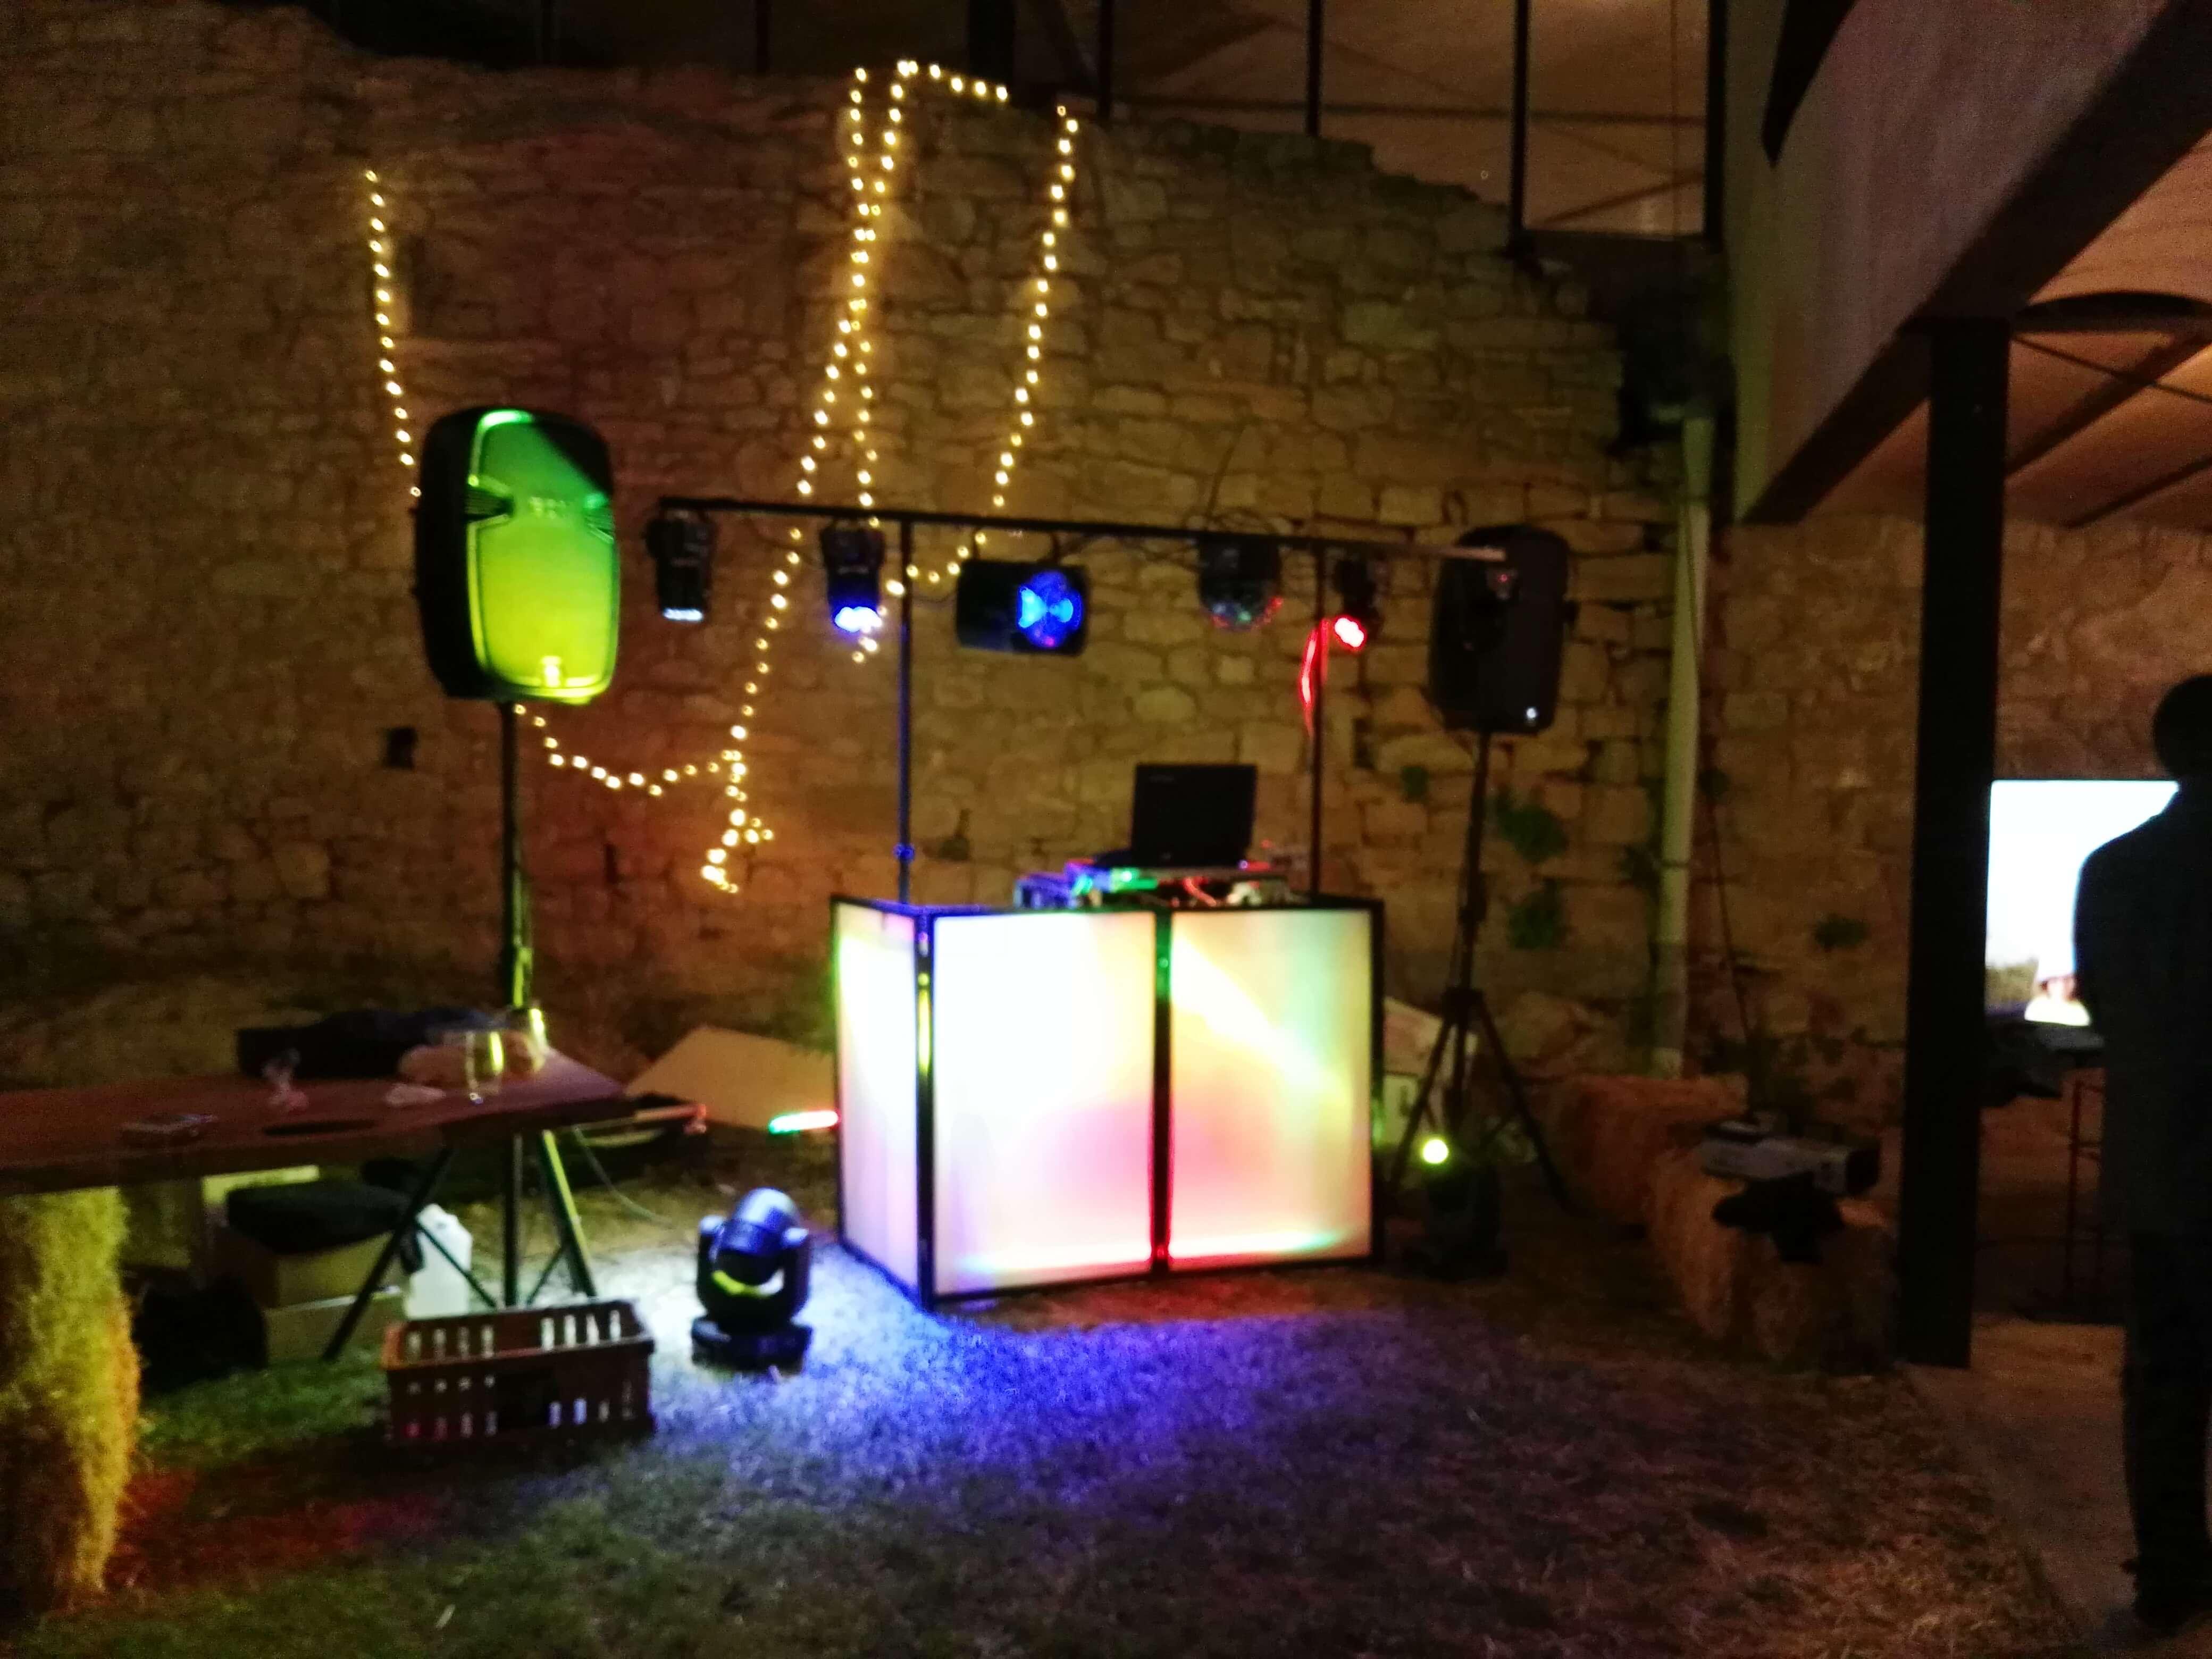 Muestra de sonido e iluminación de discoteca movil Xcn